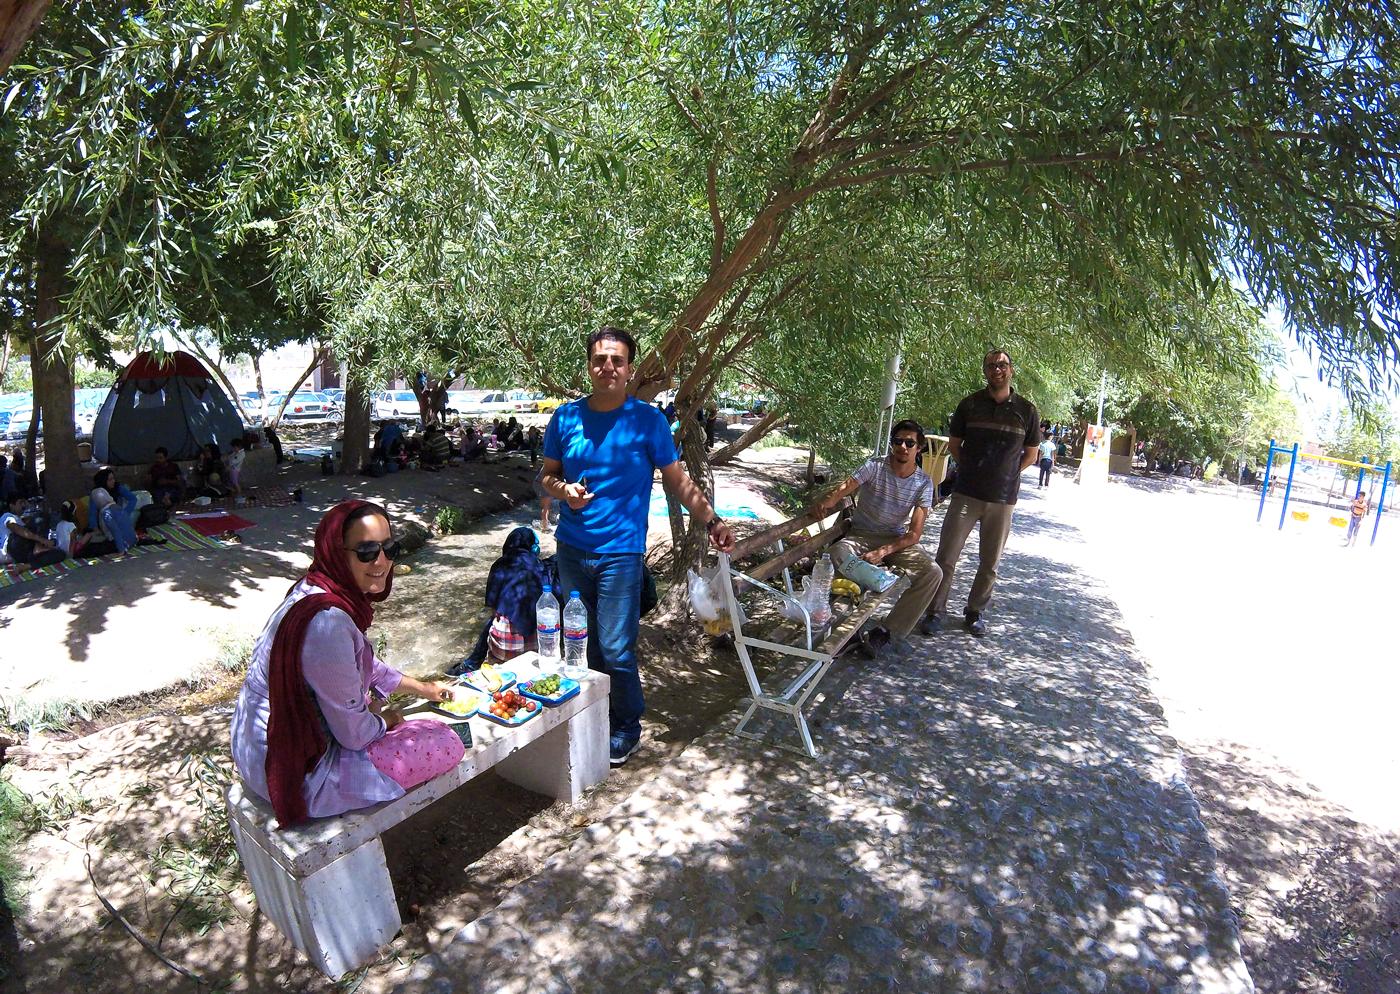 Voyage à vélo, traverser l'Iran à vélo, pique-nique à Yazd. Cycling travel, biketouring, cycling Iran, picnic in Yazd.